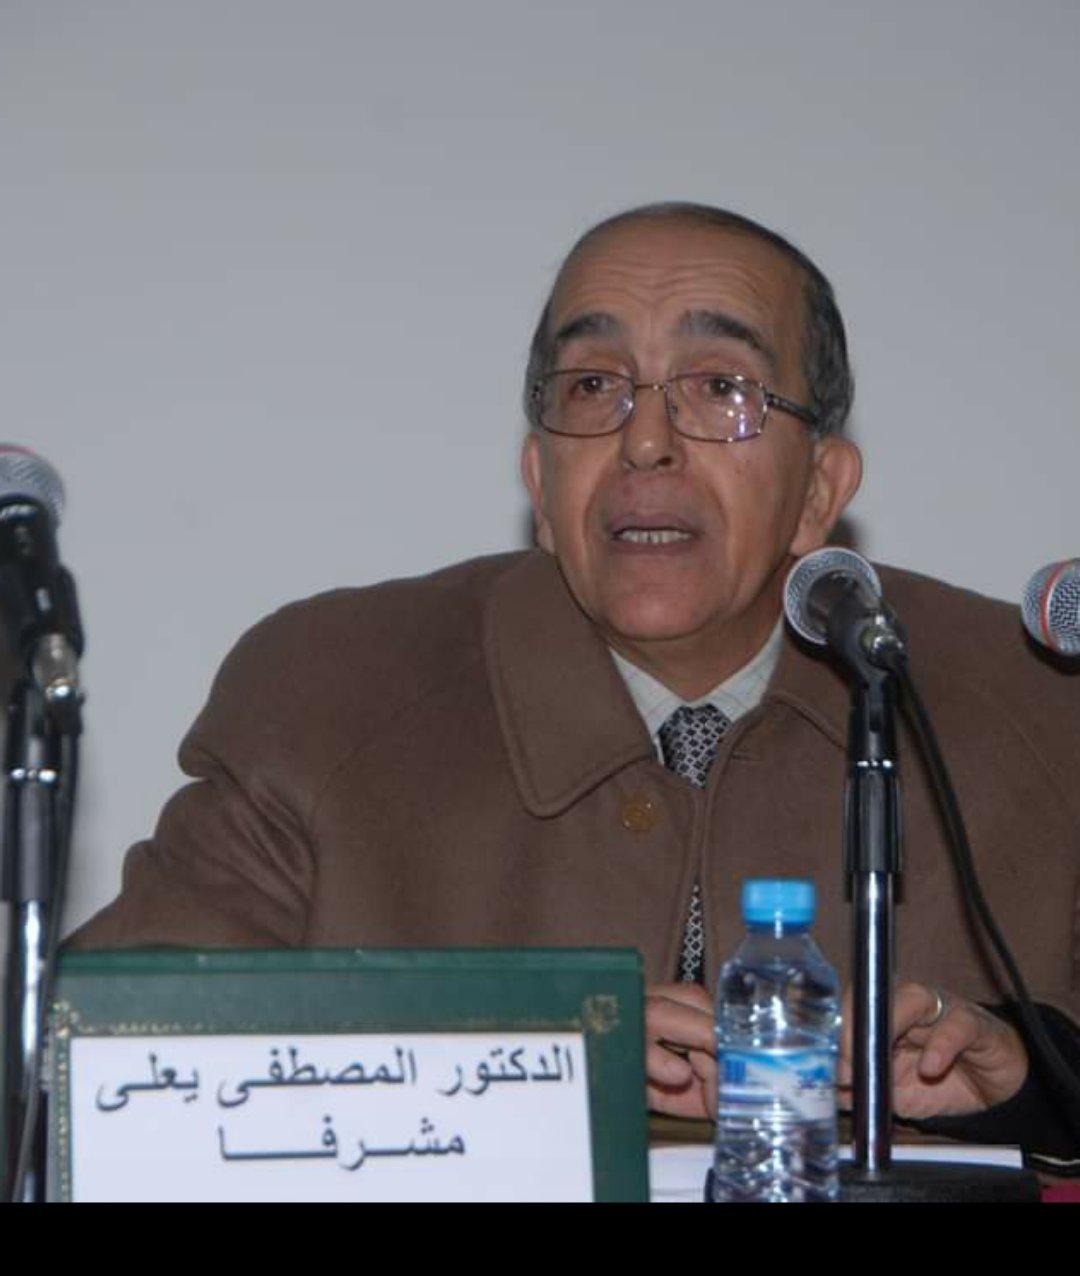 الدكتور مصطفى يعلى